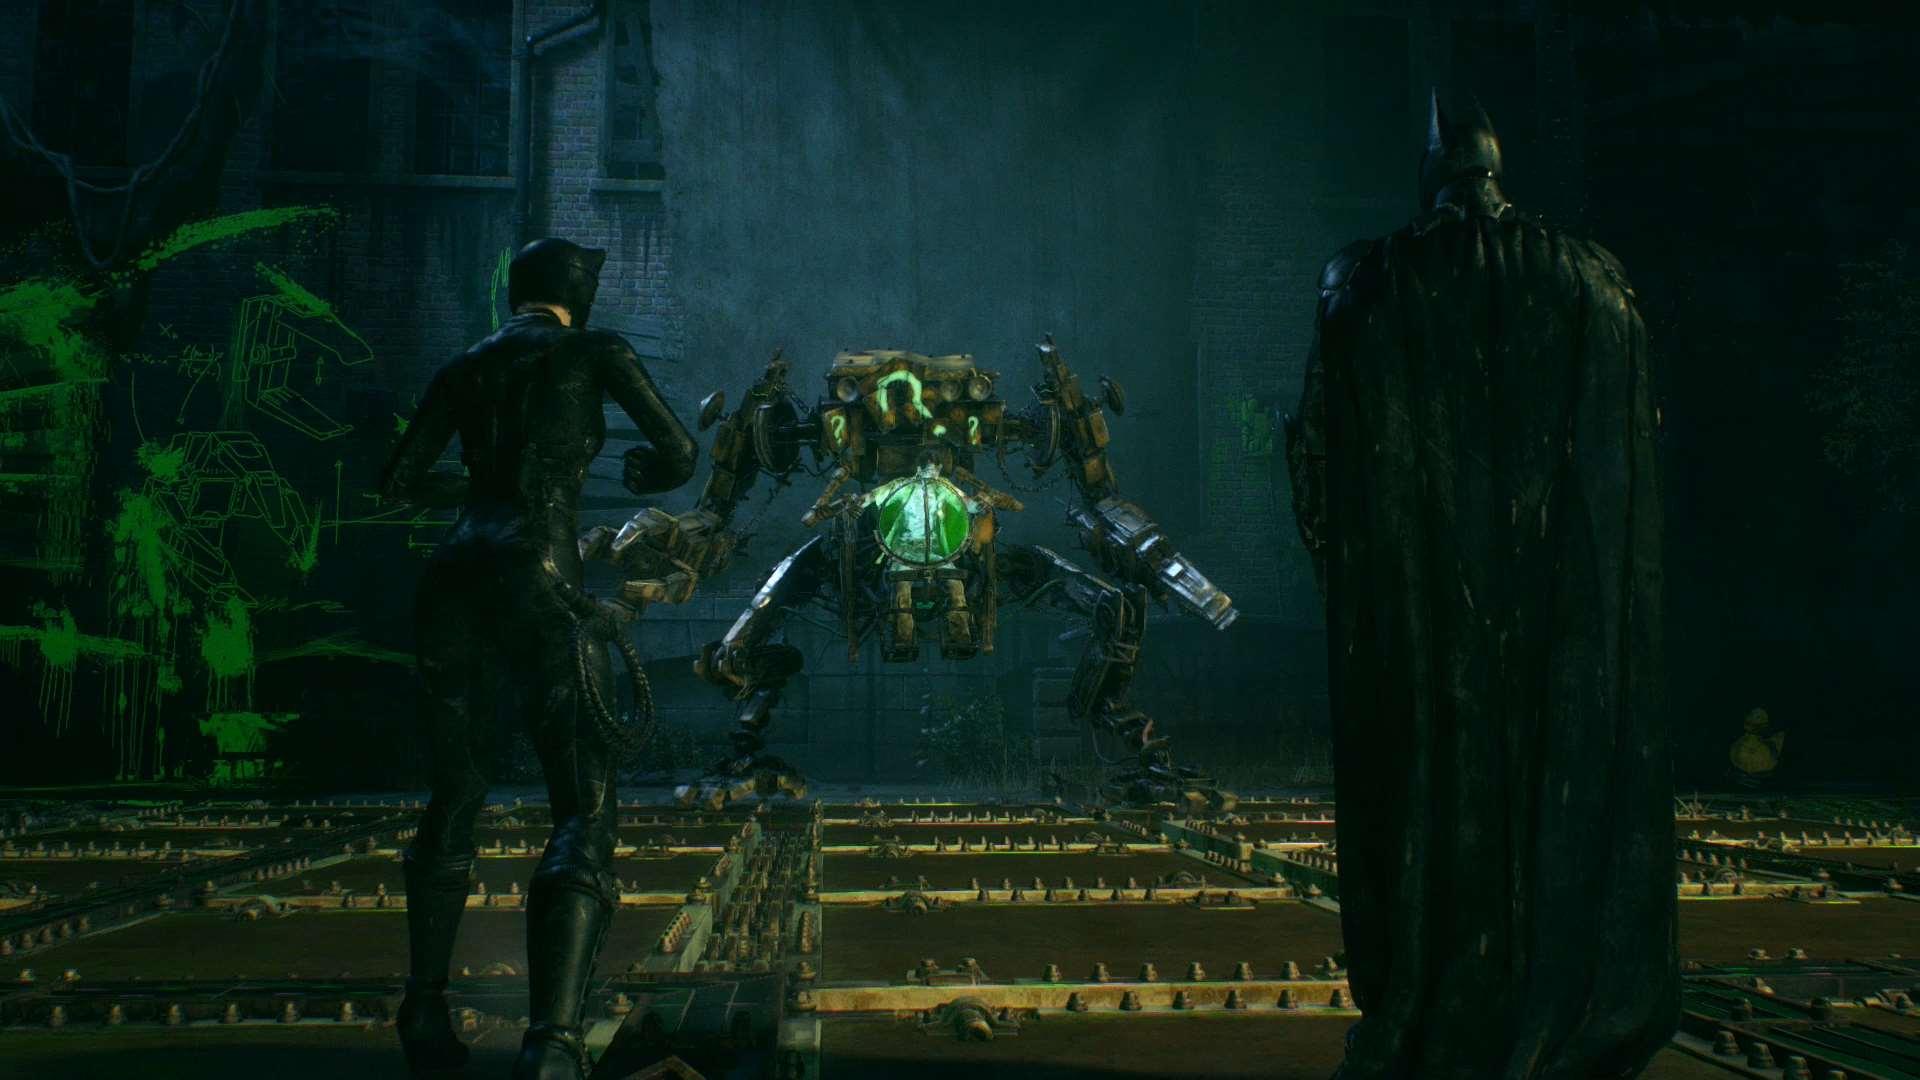 Wallpapers Fond Decran Pour Batman Arkham Knight PC PS4